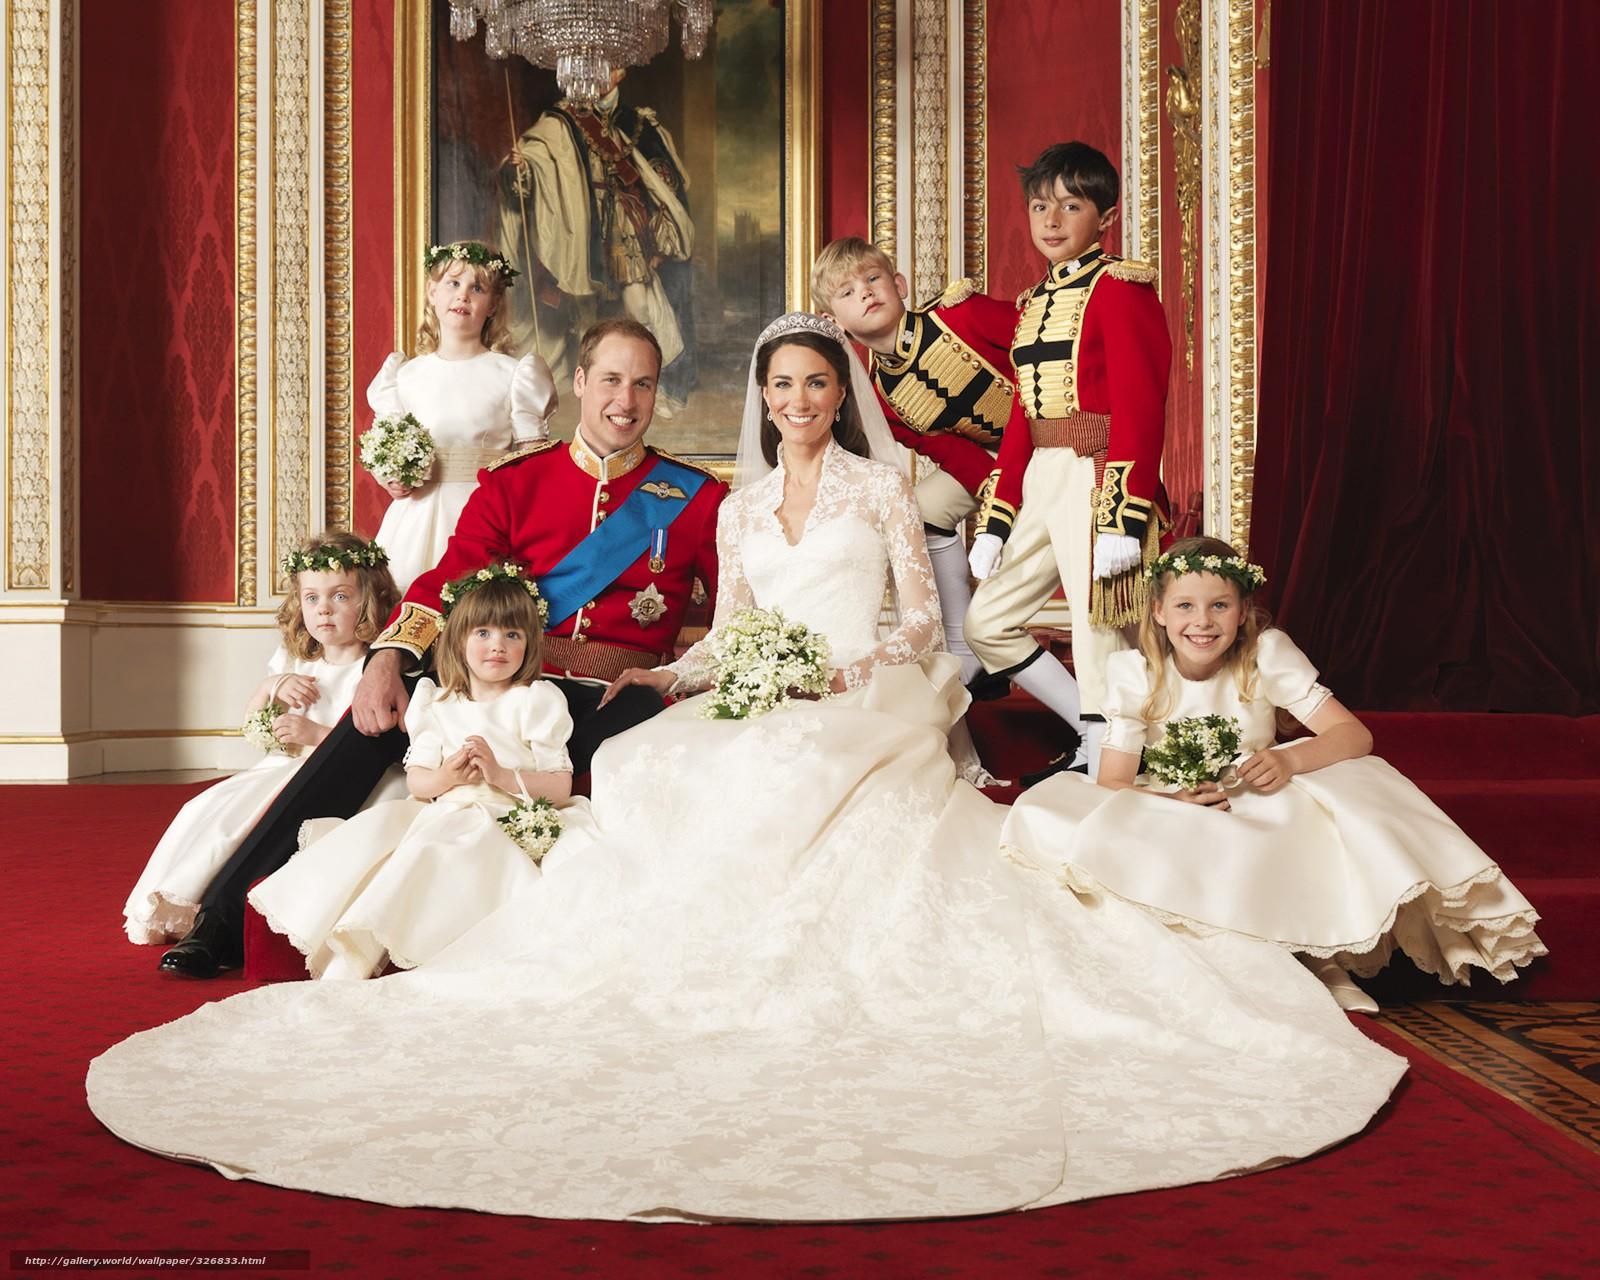 Những đám cưới đẹp như cổ tích trong lịch sử 100 năm hoàng gia Anh - Ảnh 27.